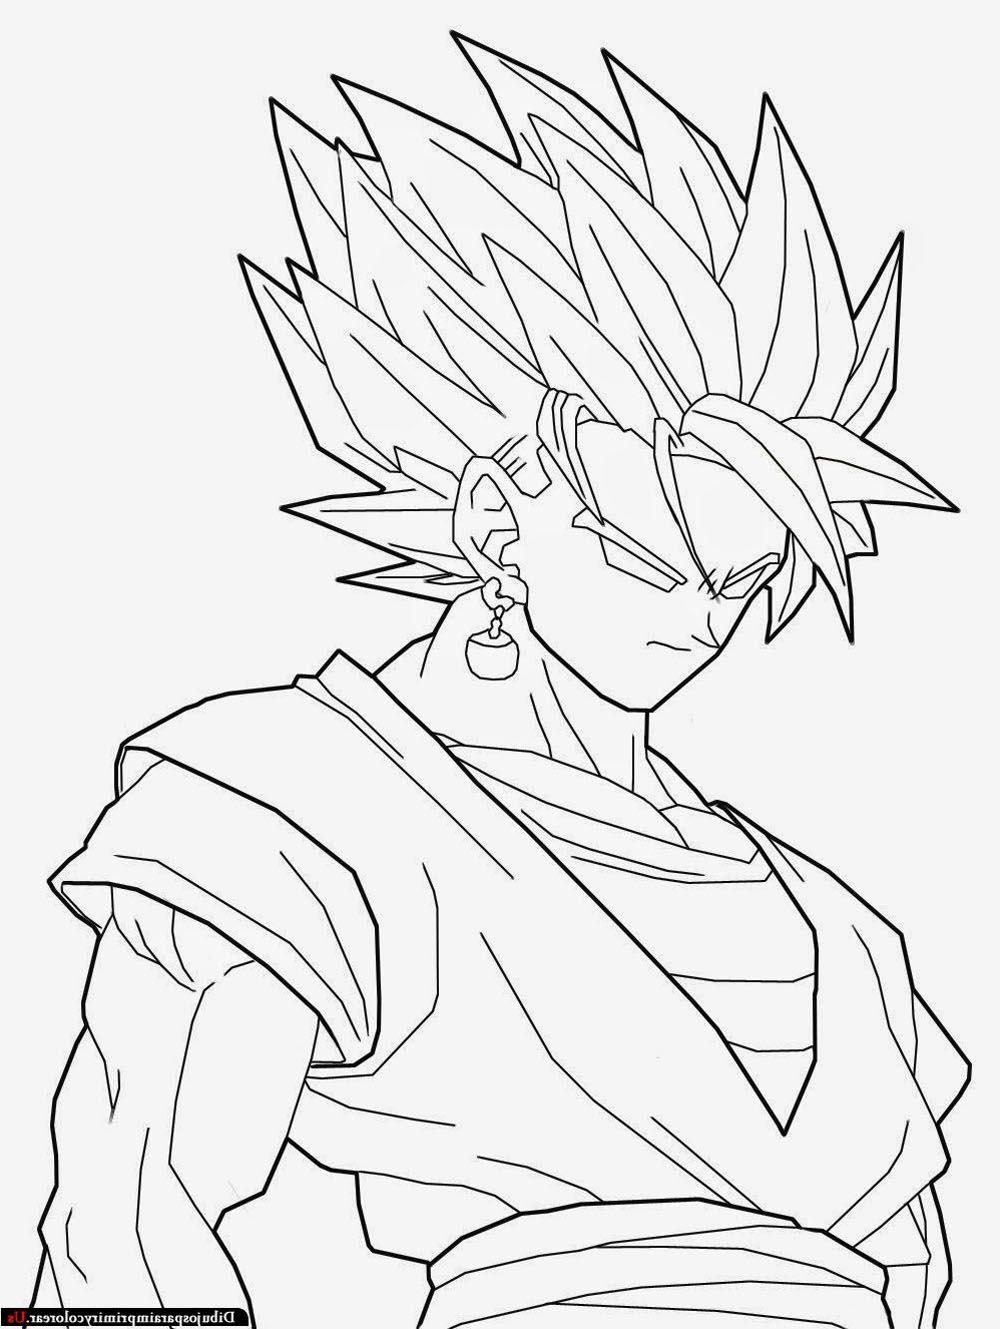 Imagenes de Goku con Frases de Dragon ball z | Descargalo